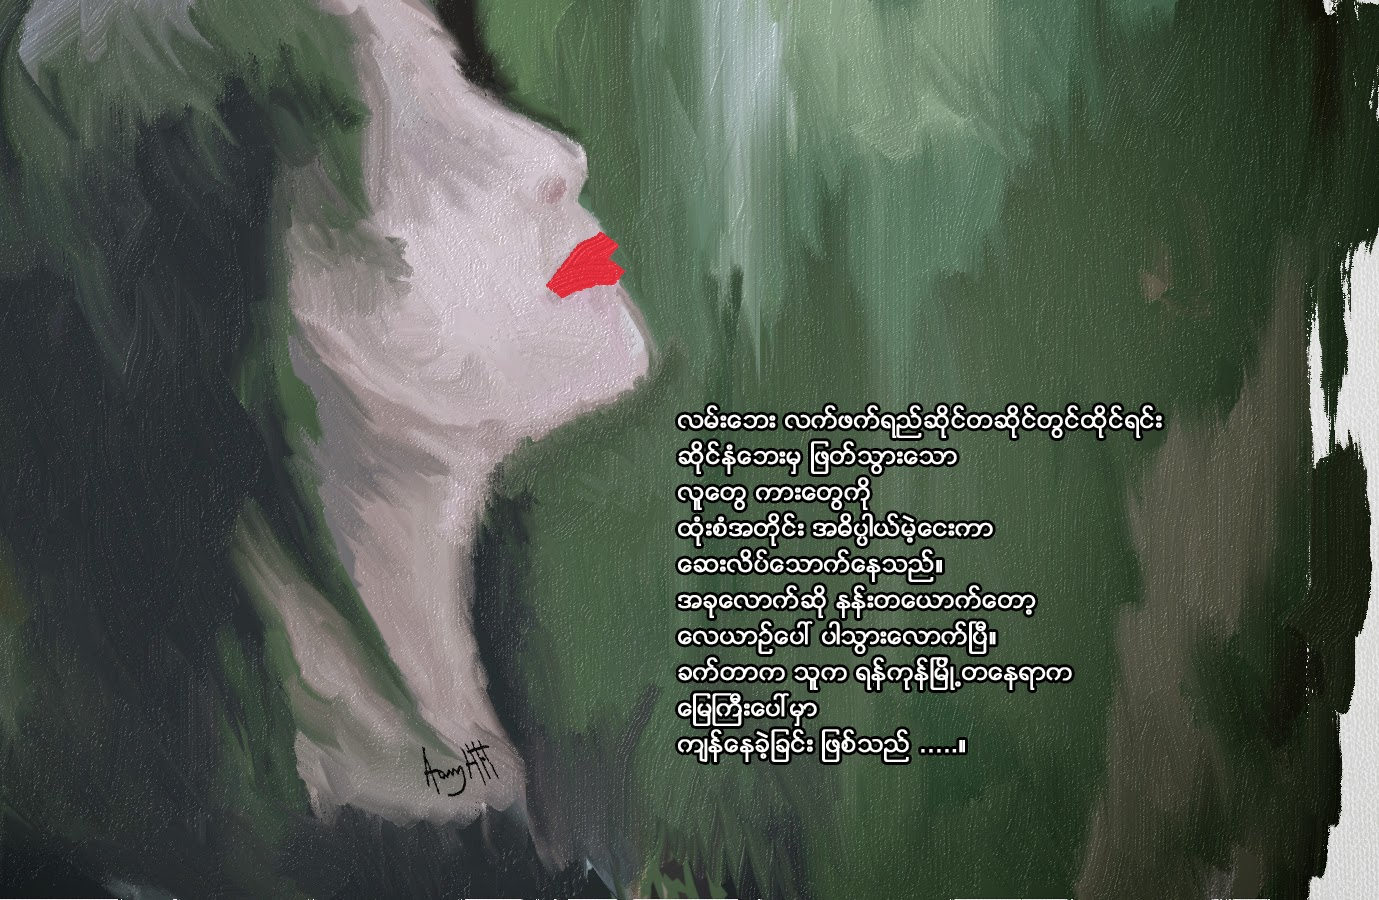 ညဳိထက္ညဳိ – စိတ္ကုိစြဲလမ္းေစတတ္ေသာ (အပုိင္း ၂) (၀တၳဳတုိ)